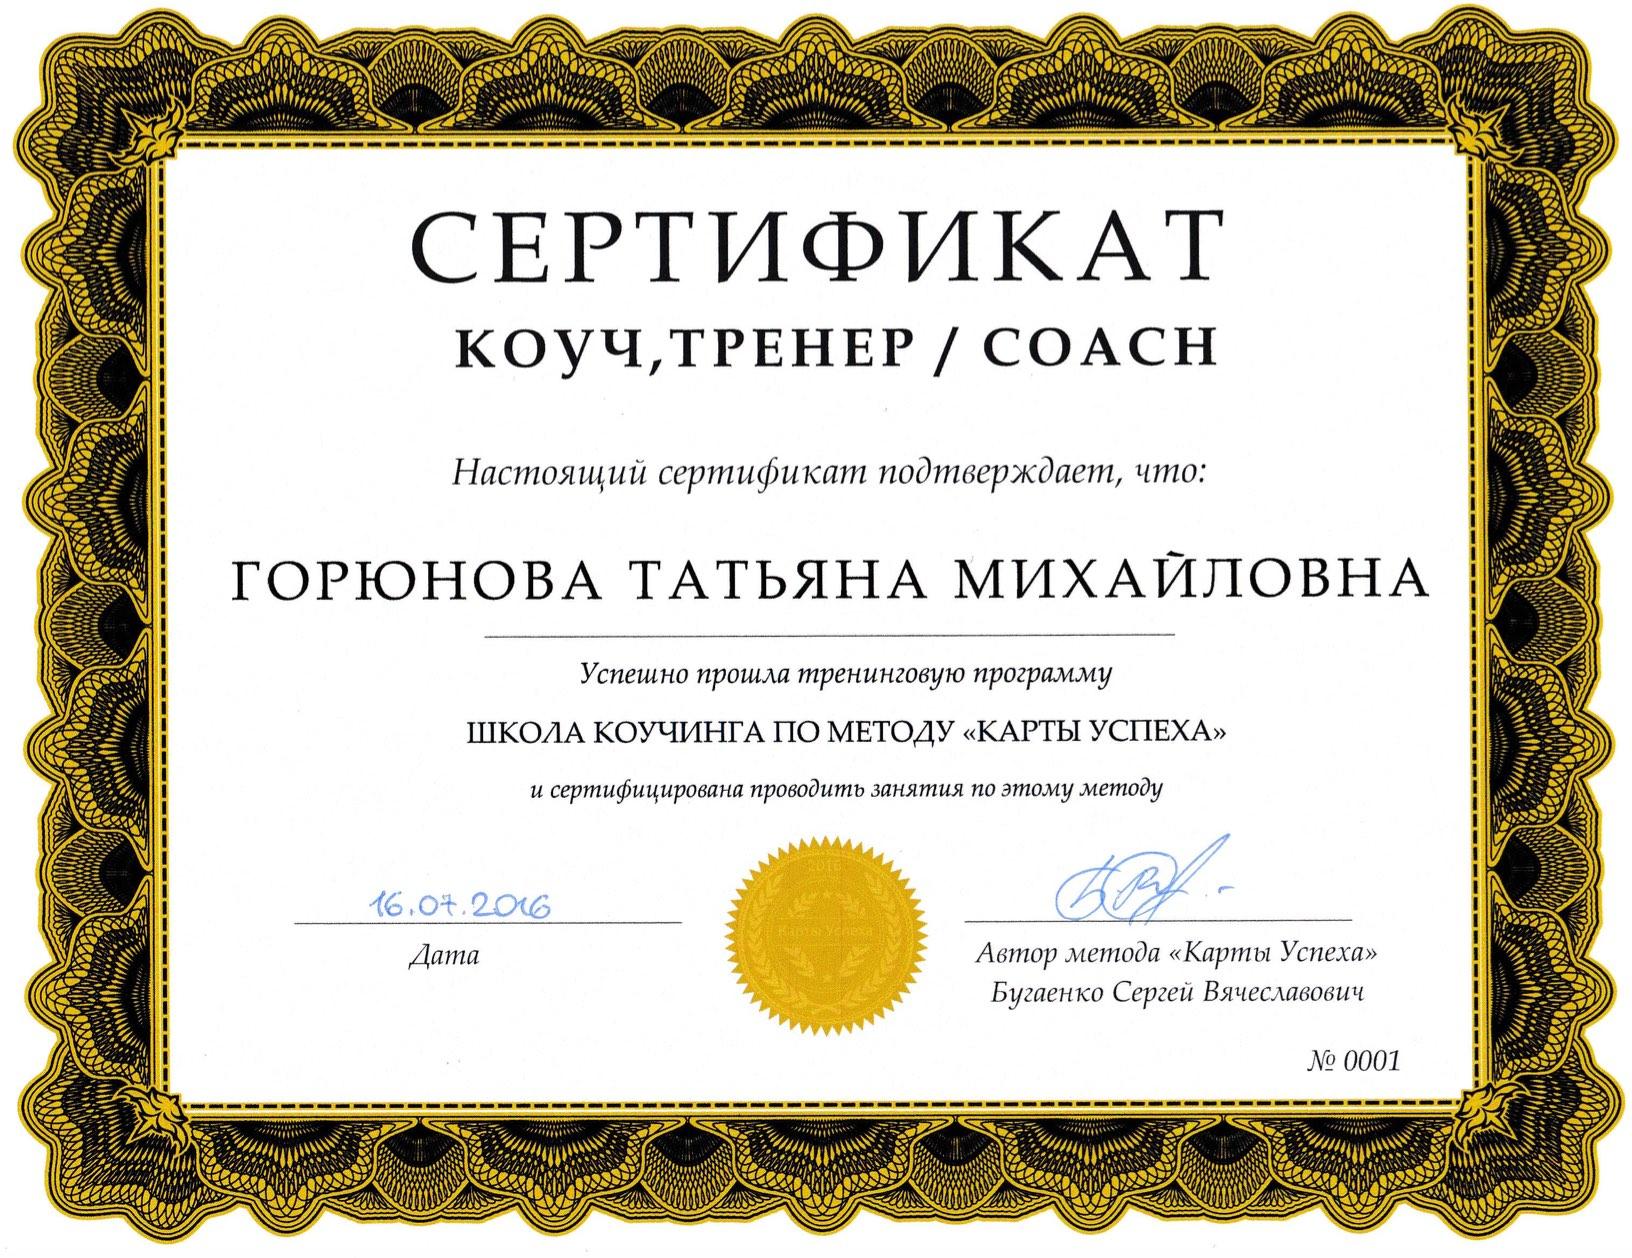 Горюнова сертификат 1